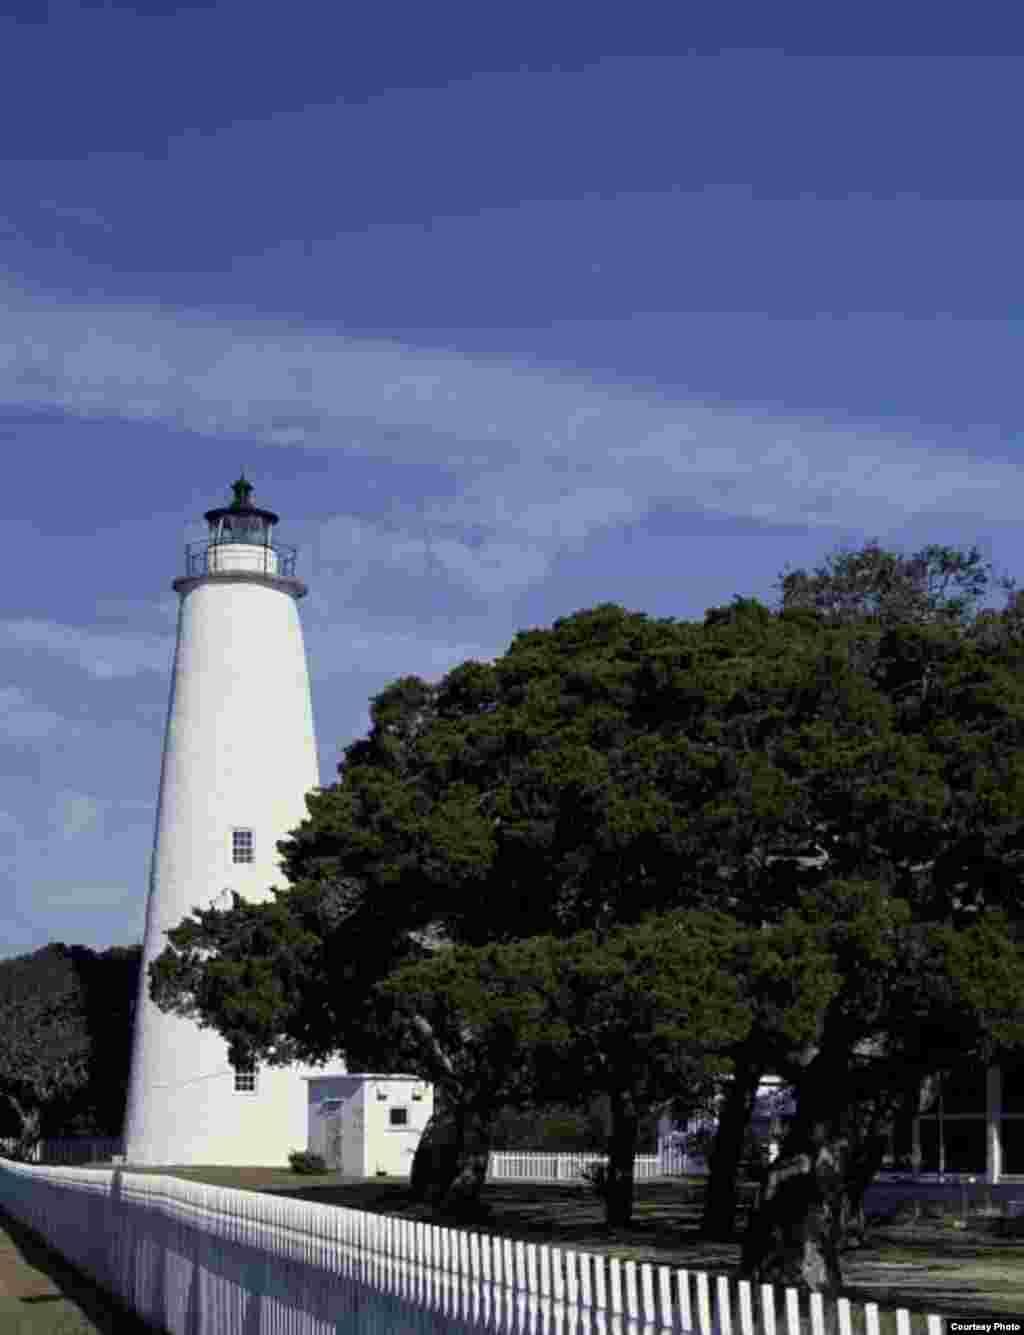 El faro de Ocracoke construido en el condado de Hyde, en la isla de Ocracoke en Carolina del Norte fue construido en 1823 por el constructor de Massachusetts, Noah Porter. El faro tiene 23 metros de altura y un diámetro de 8 metros en su base hasta